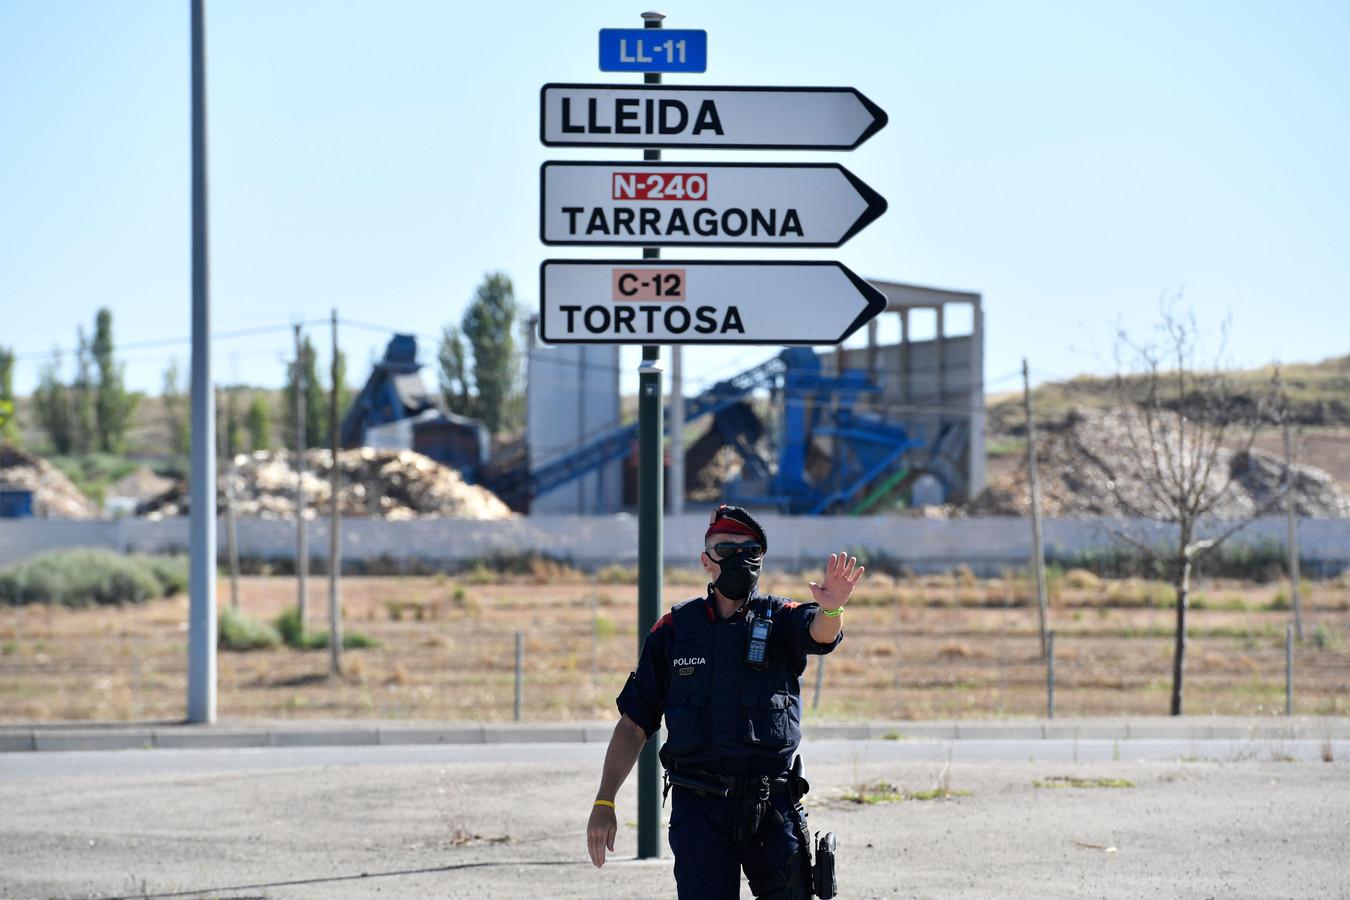 La Catalogne a replacé en confinement quelque 200.000 habitants de cette zone après un regain de contaminations.